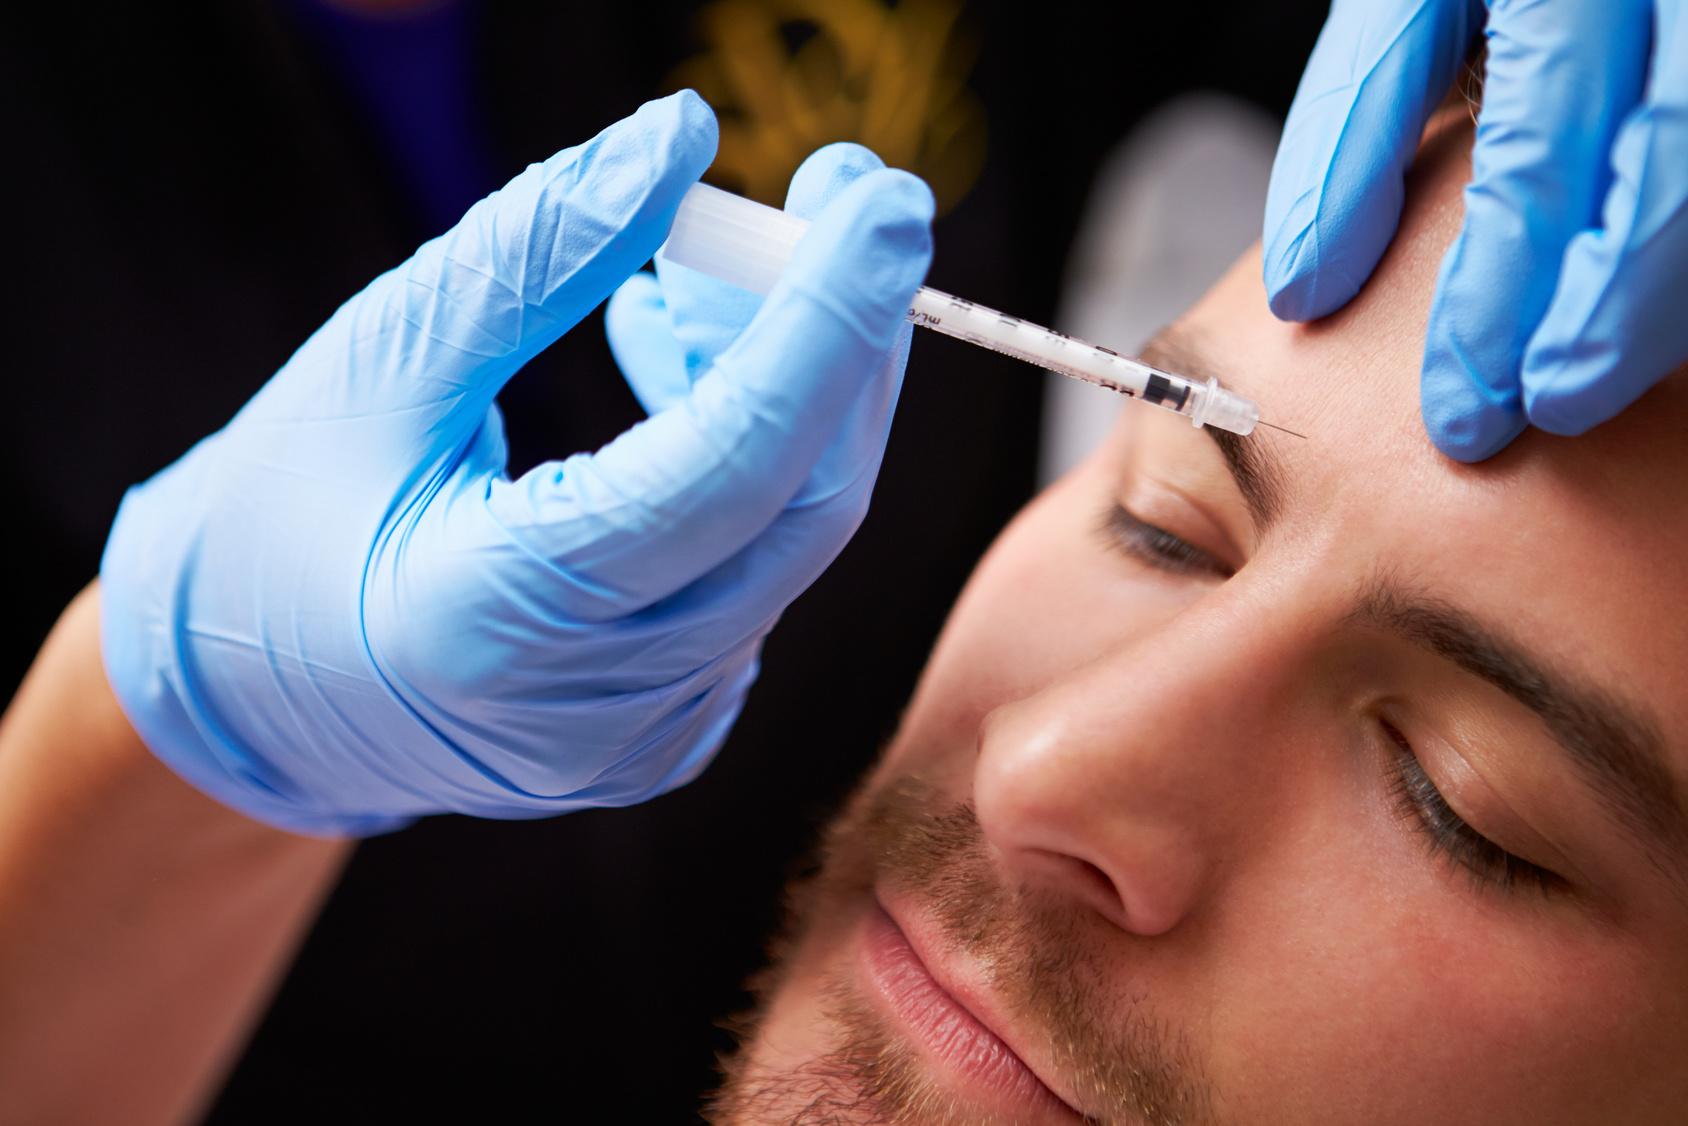 Medycyna estetyczna dla mężczyzn. Z czego najchętniej korzystają panowie?